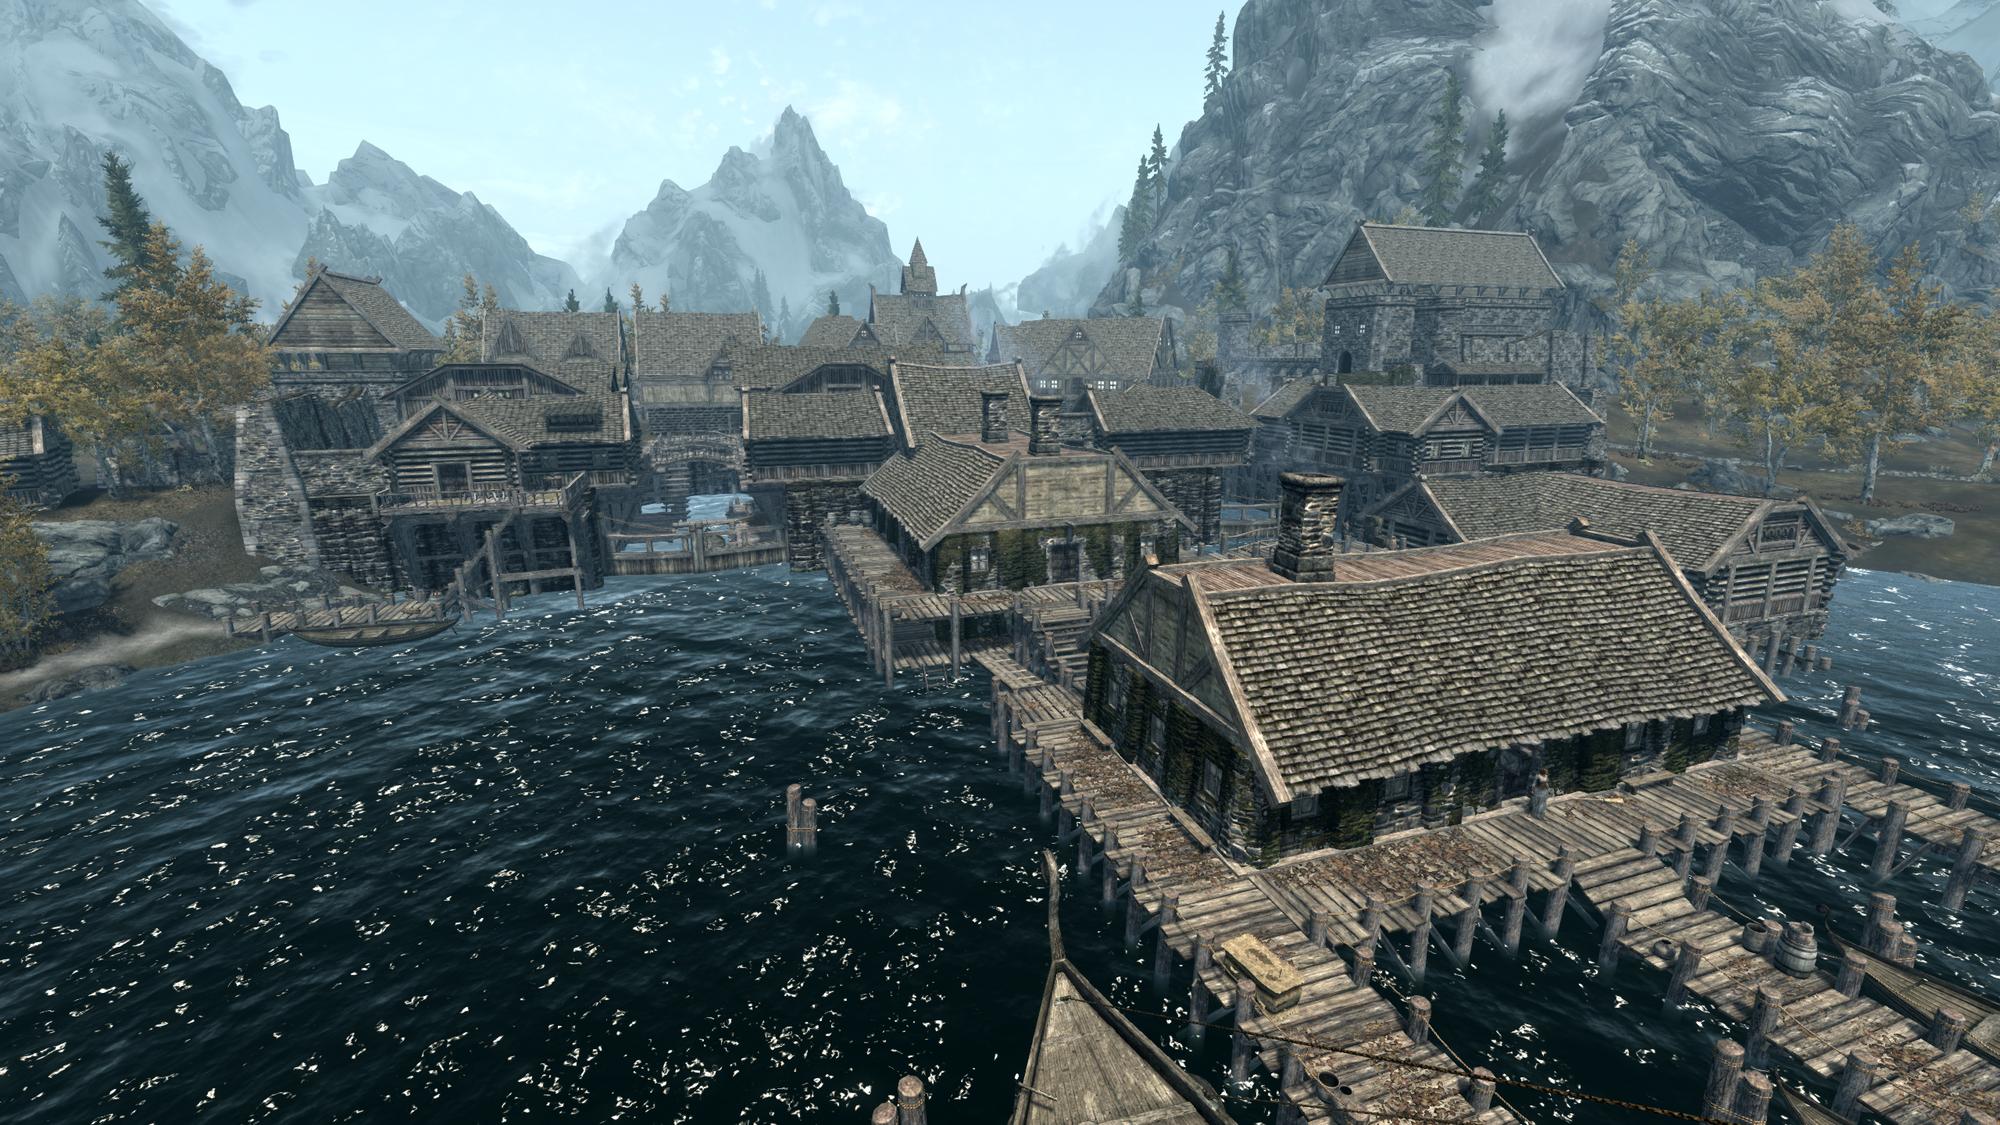 Riften (Skyrim) | Elder Scrolls | FANDOM powered by Wikia